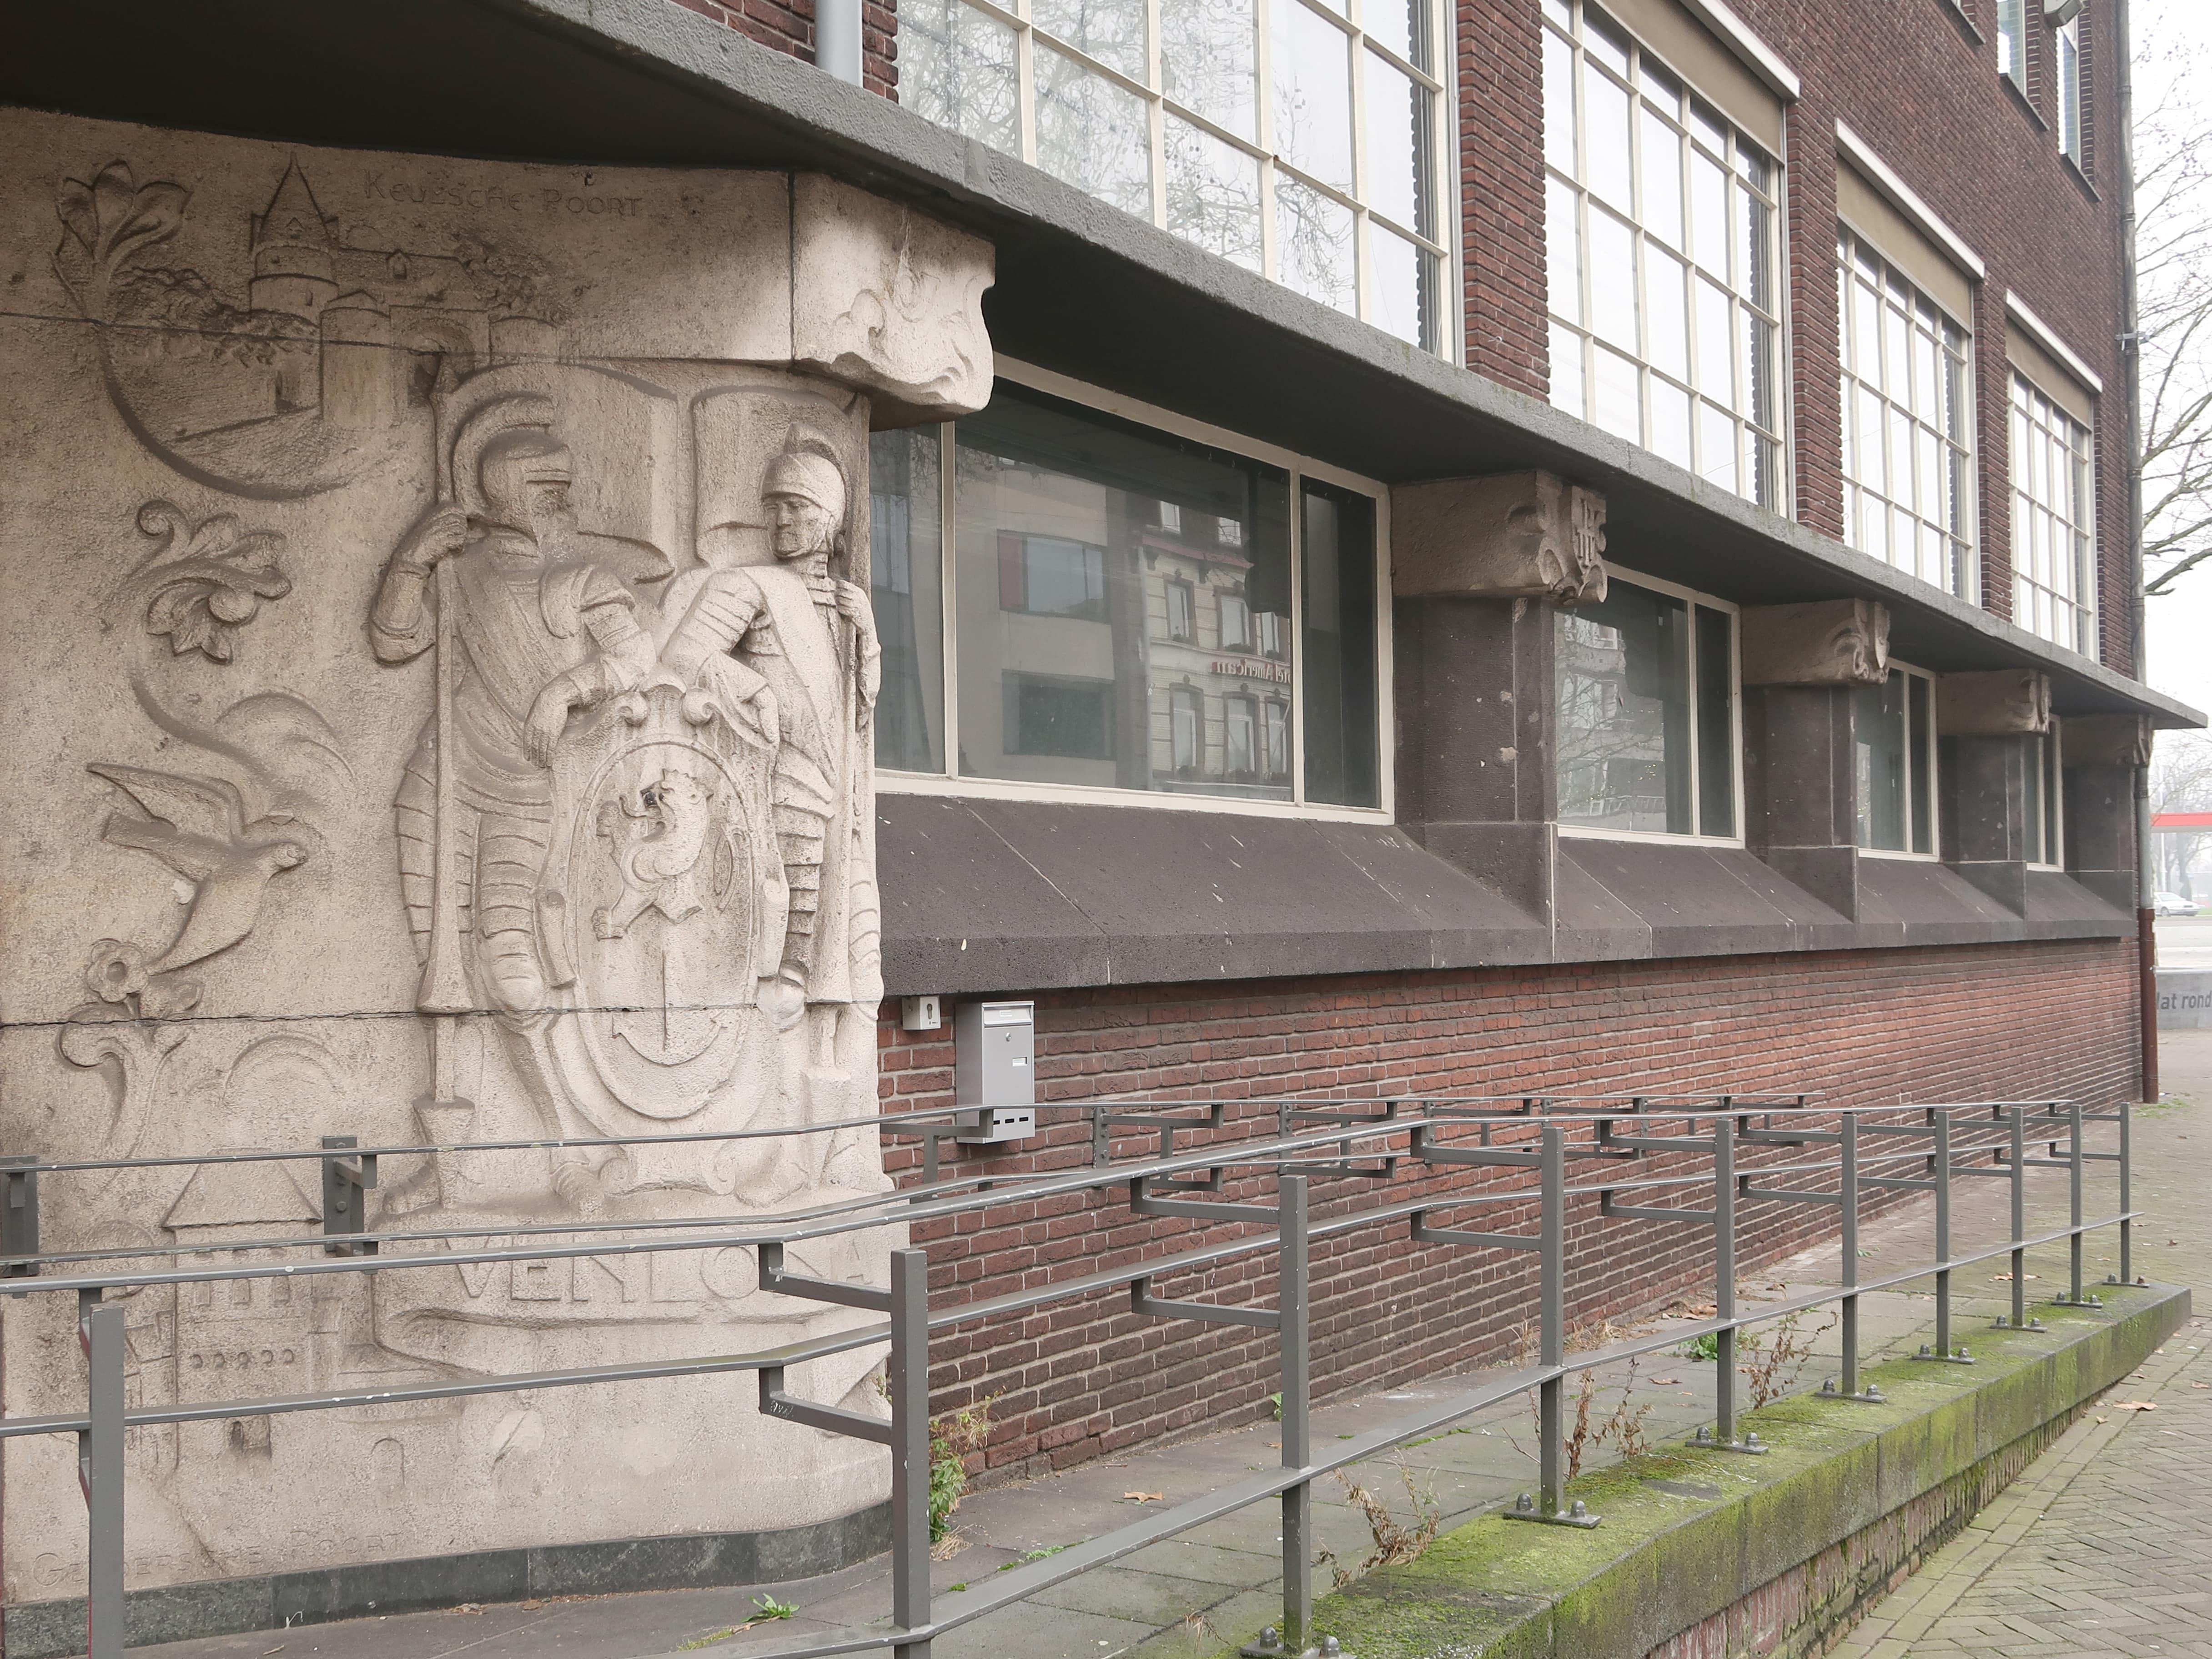 vanMeijel-cultuurhistorie-nieuws-kantoren-venlo